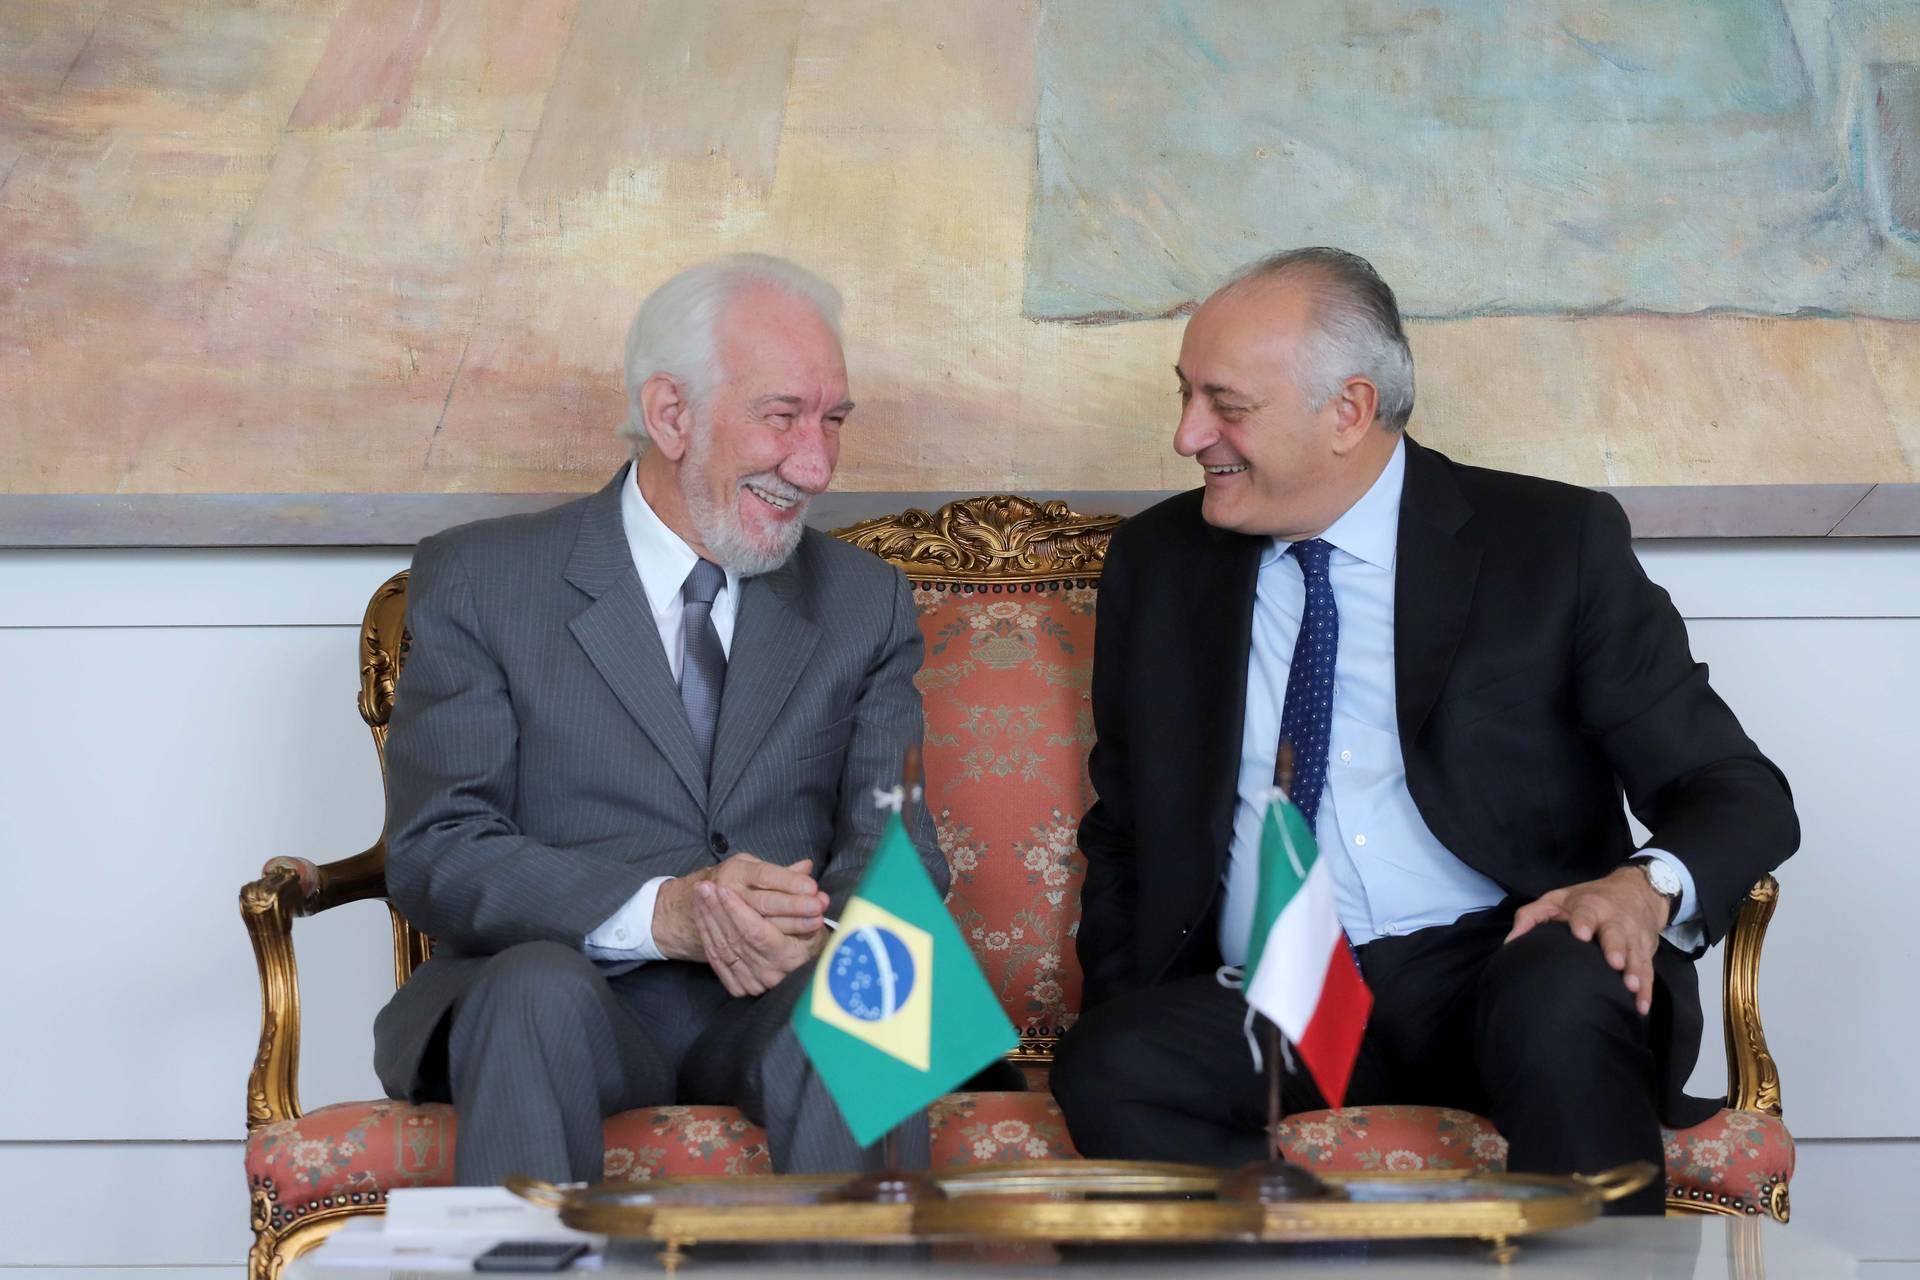 O vice-governador Darci Piana recebeu o embaixador da Itália no Brasil, Antonio Bernardini, para discutir a possibilidade de ampliação das parcerias.